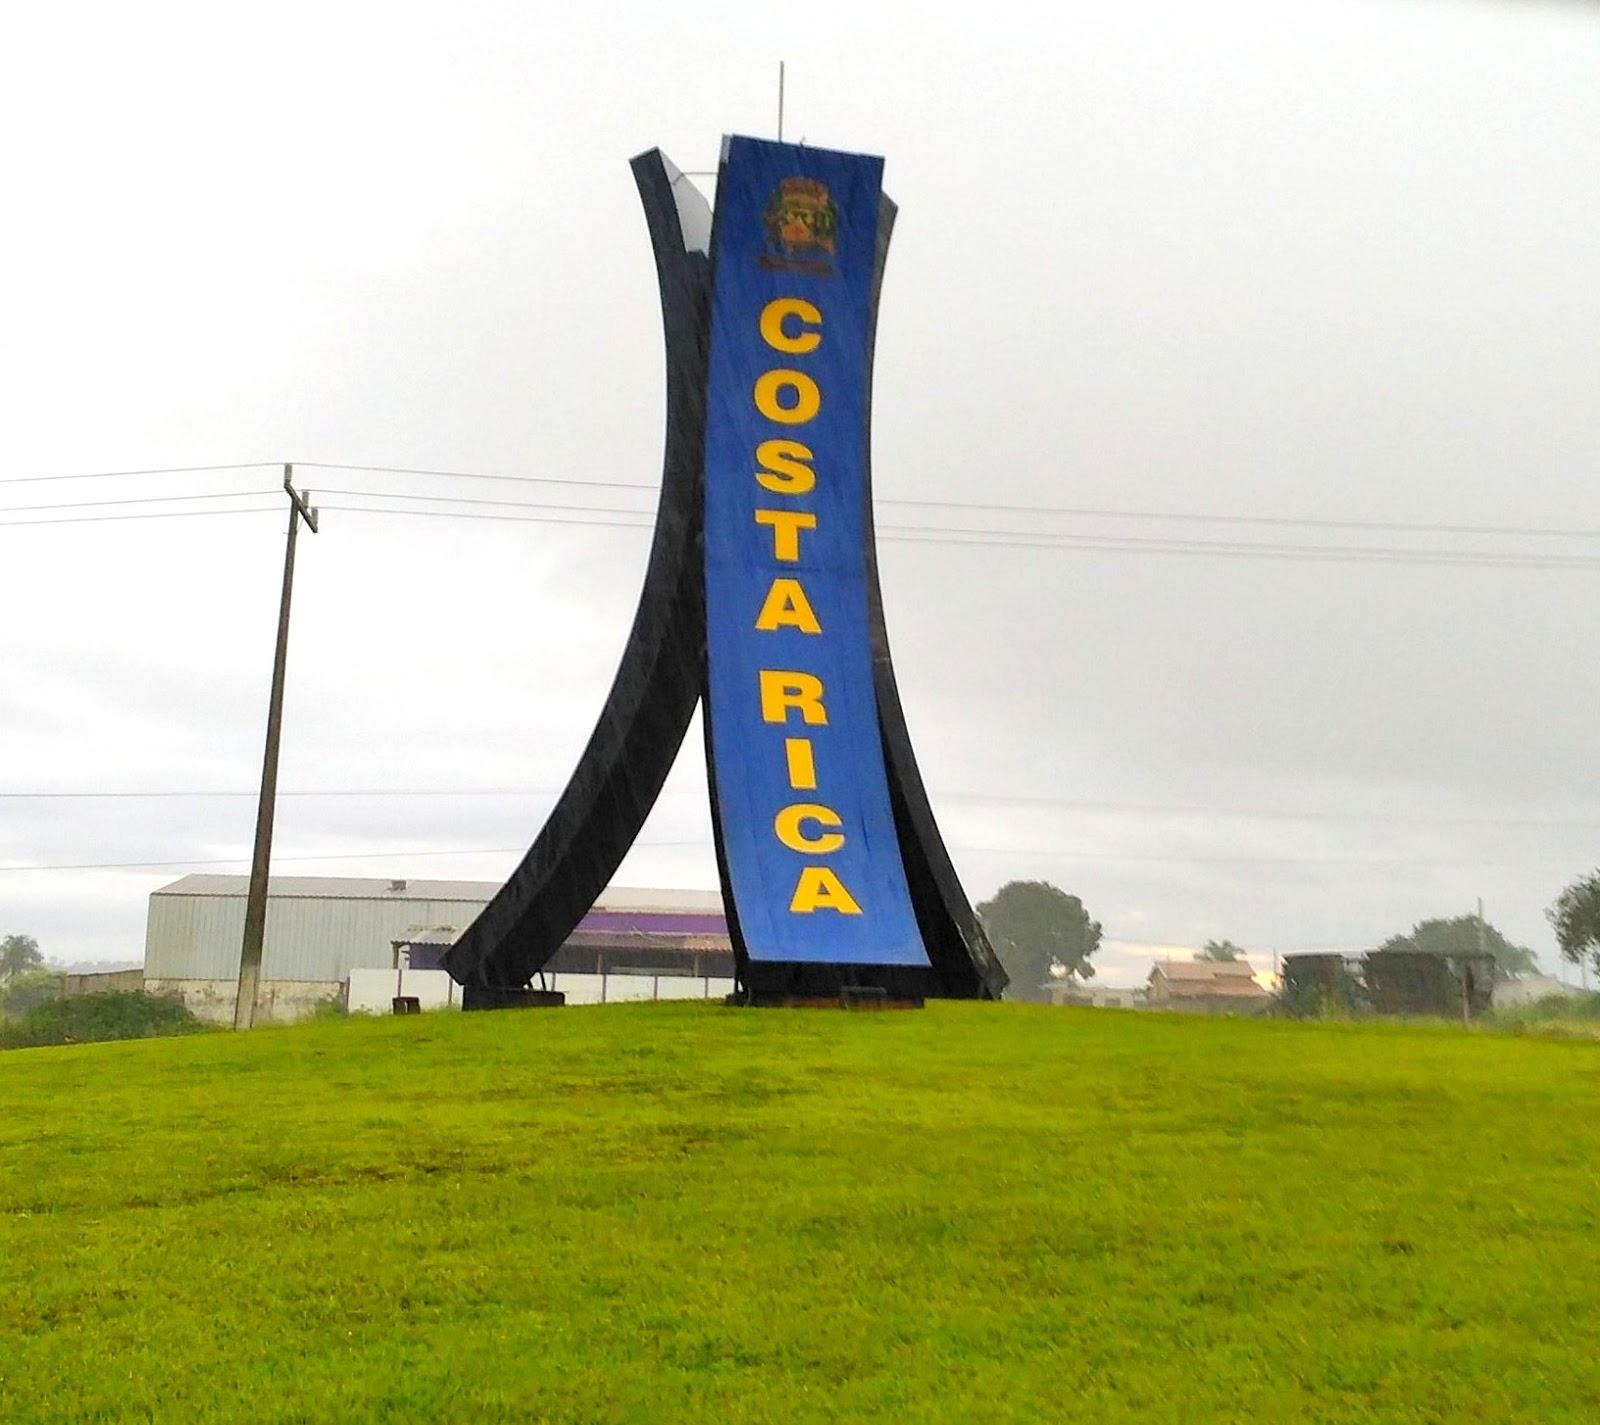 Cidade de Costa Rica no Mato Grosso do Sul recebeu uma impressora HP T730